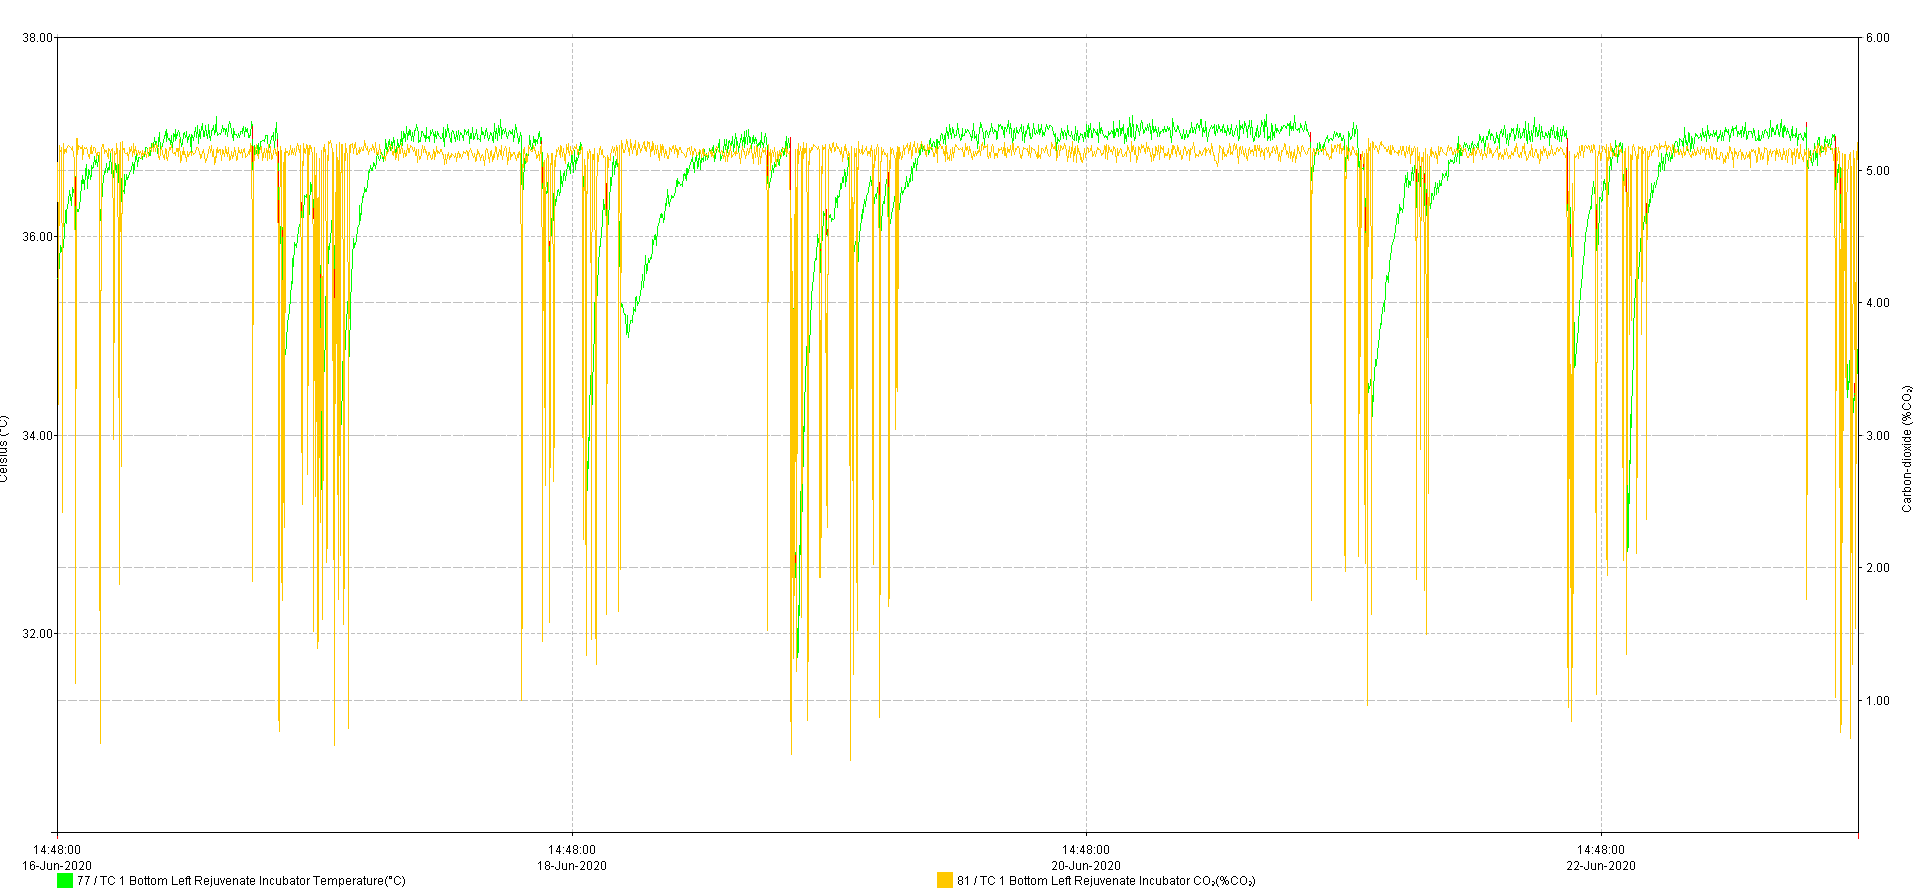 CO2 O2 Graph Overlaid Incubator Stability Data